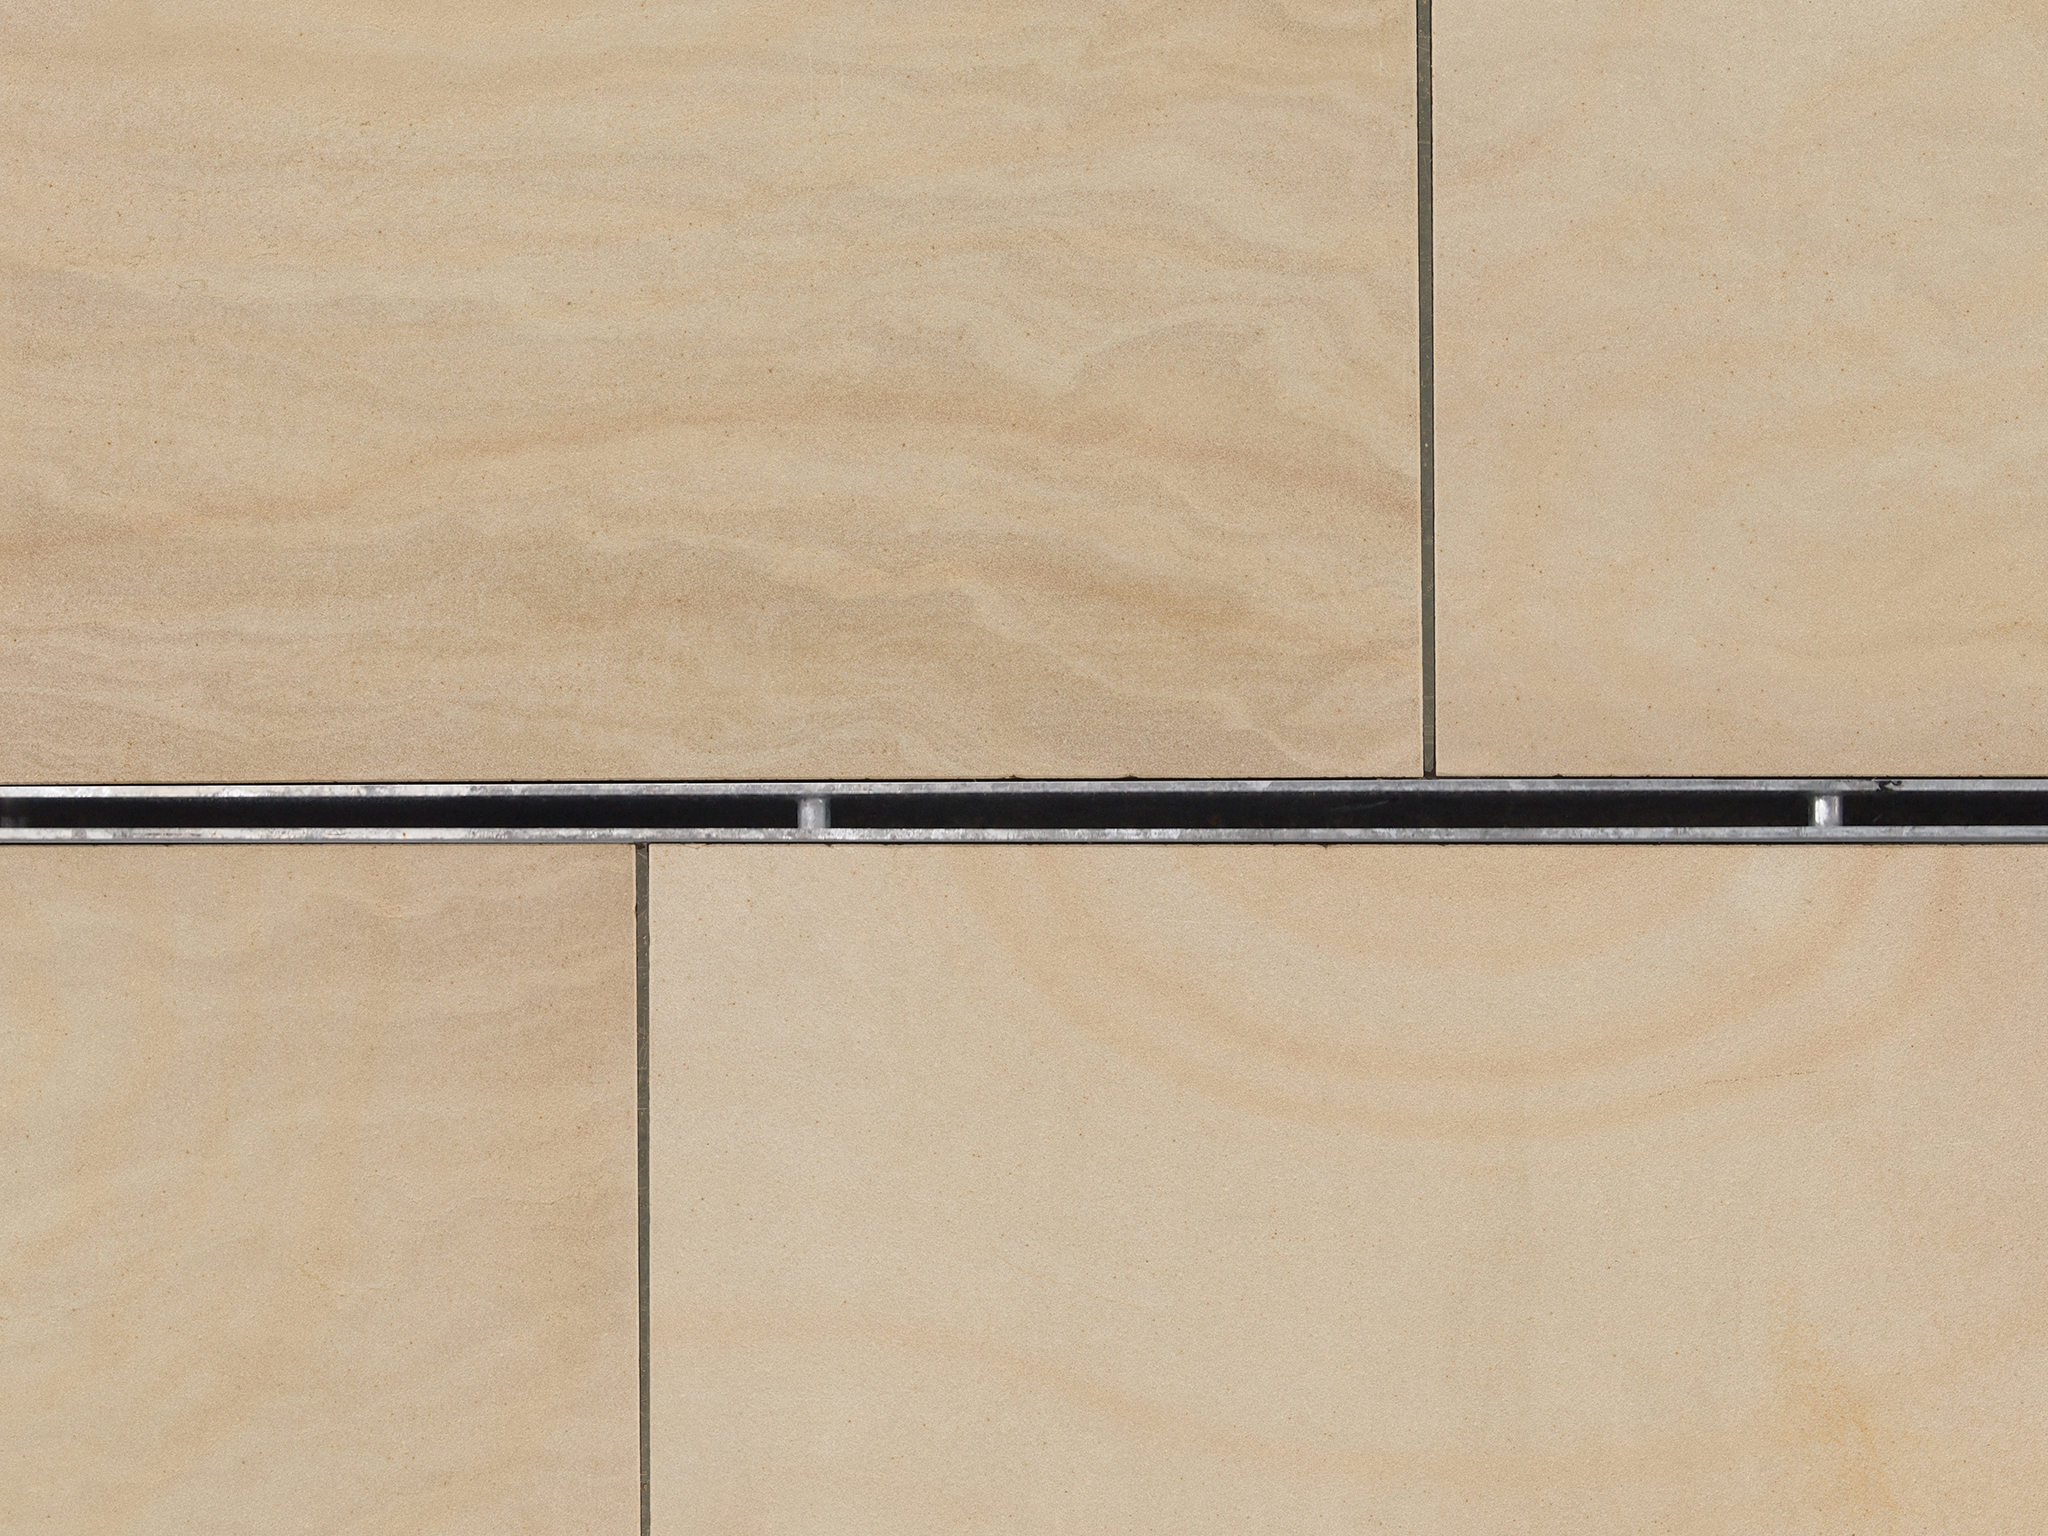 drexus-slot-drain-mono-11562.jpg